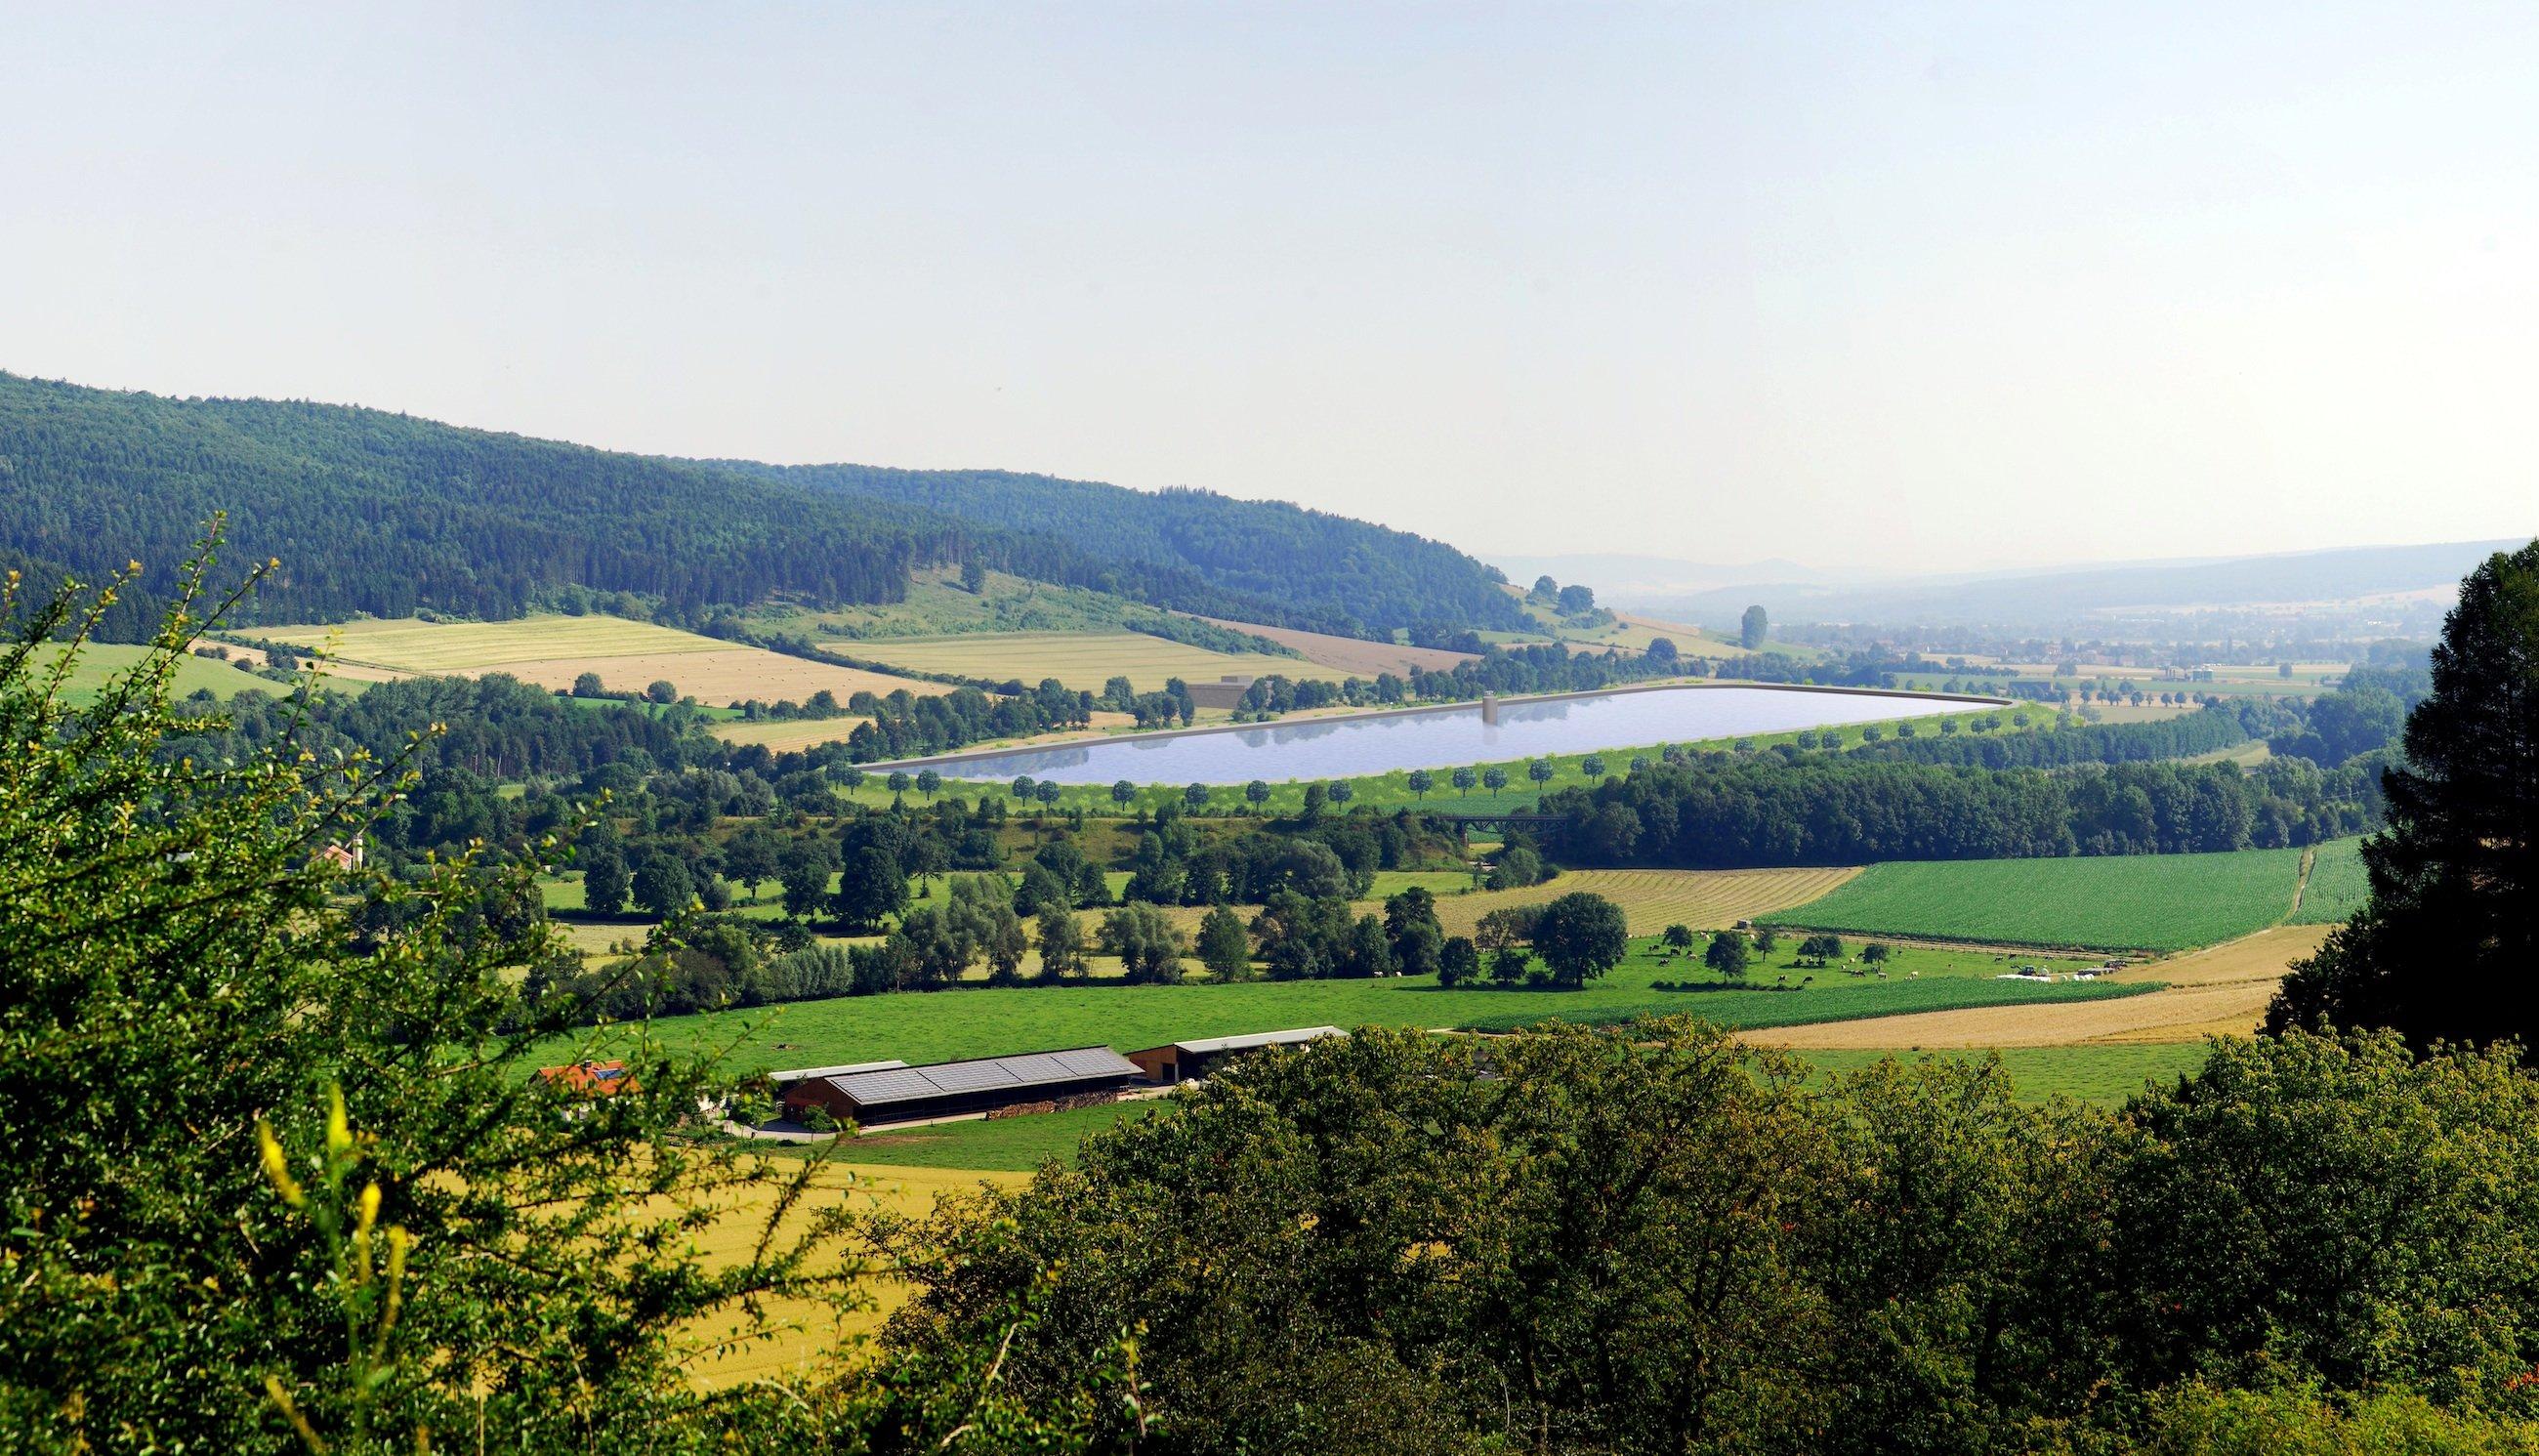 Simulation des Obersees für das Pumpspeicherkraftwerk Nethe in NRW:Ab Ende 2020 soll das 390-MW-Kraftwerk Nethe in der Nähe der westfälischen Stadt Höxter den ersten Strom liefern.